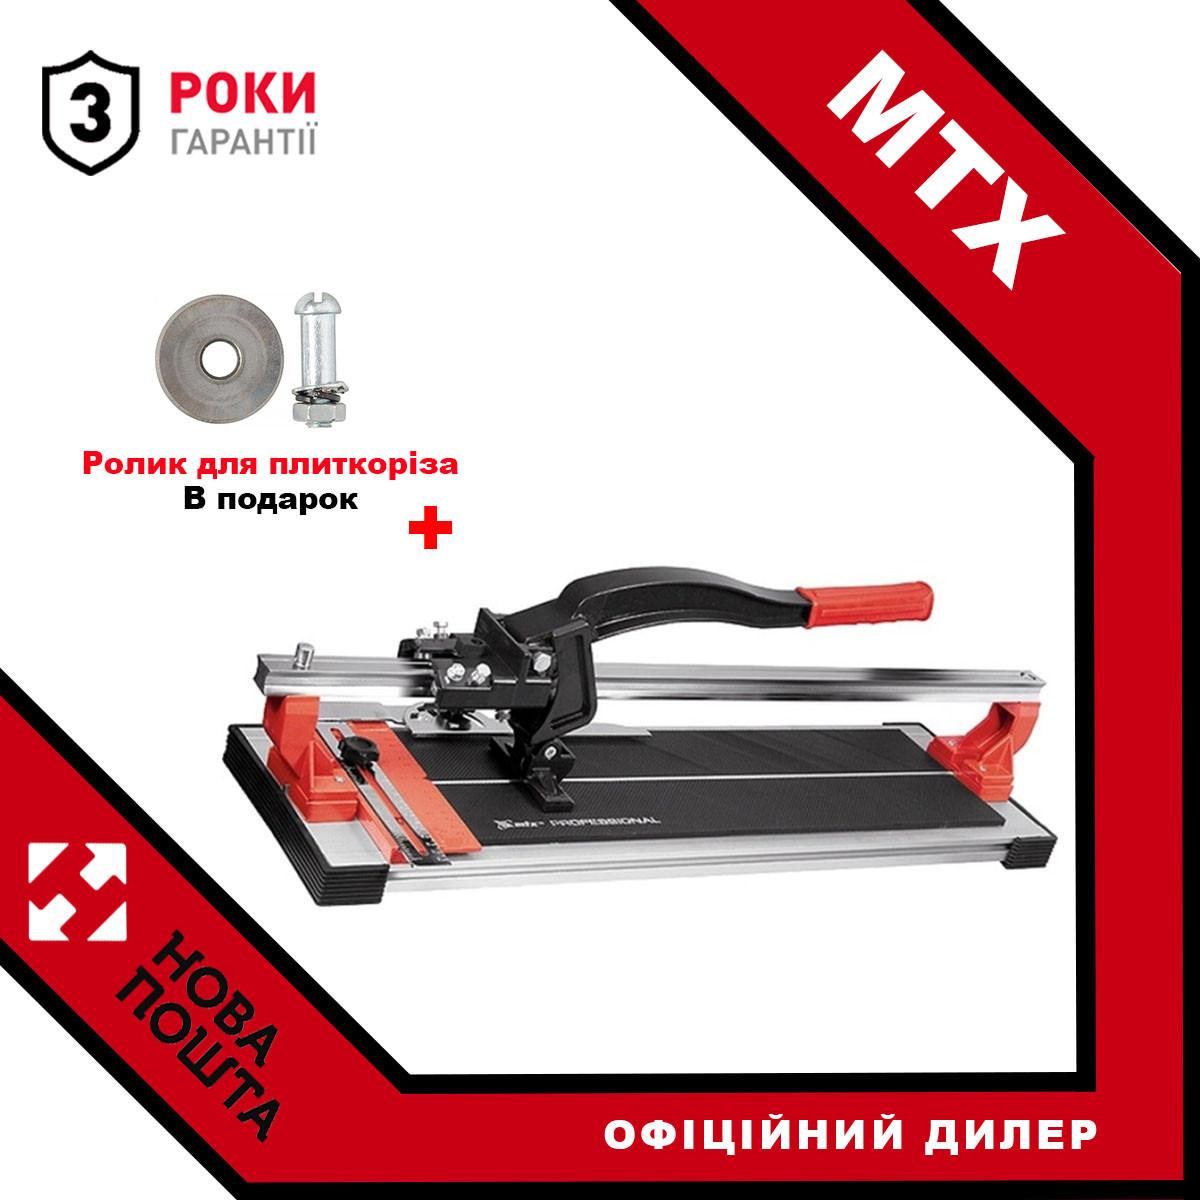 Плиткоріз рейковий 600мм \ \ MTX PROFESSIONAL 876889 + В подарок ролик!